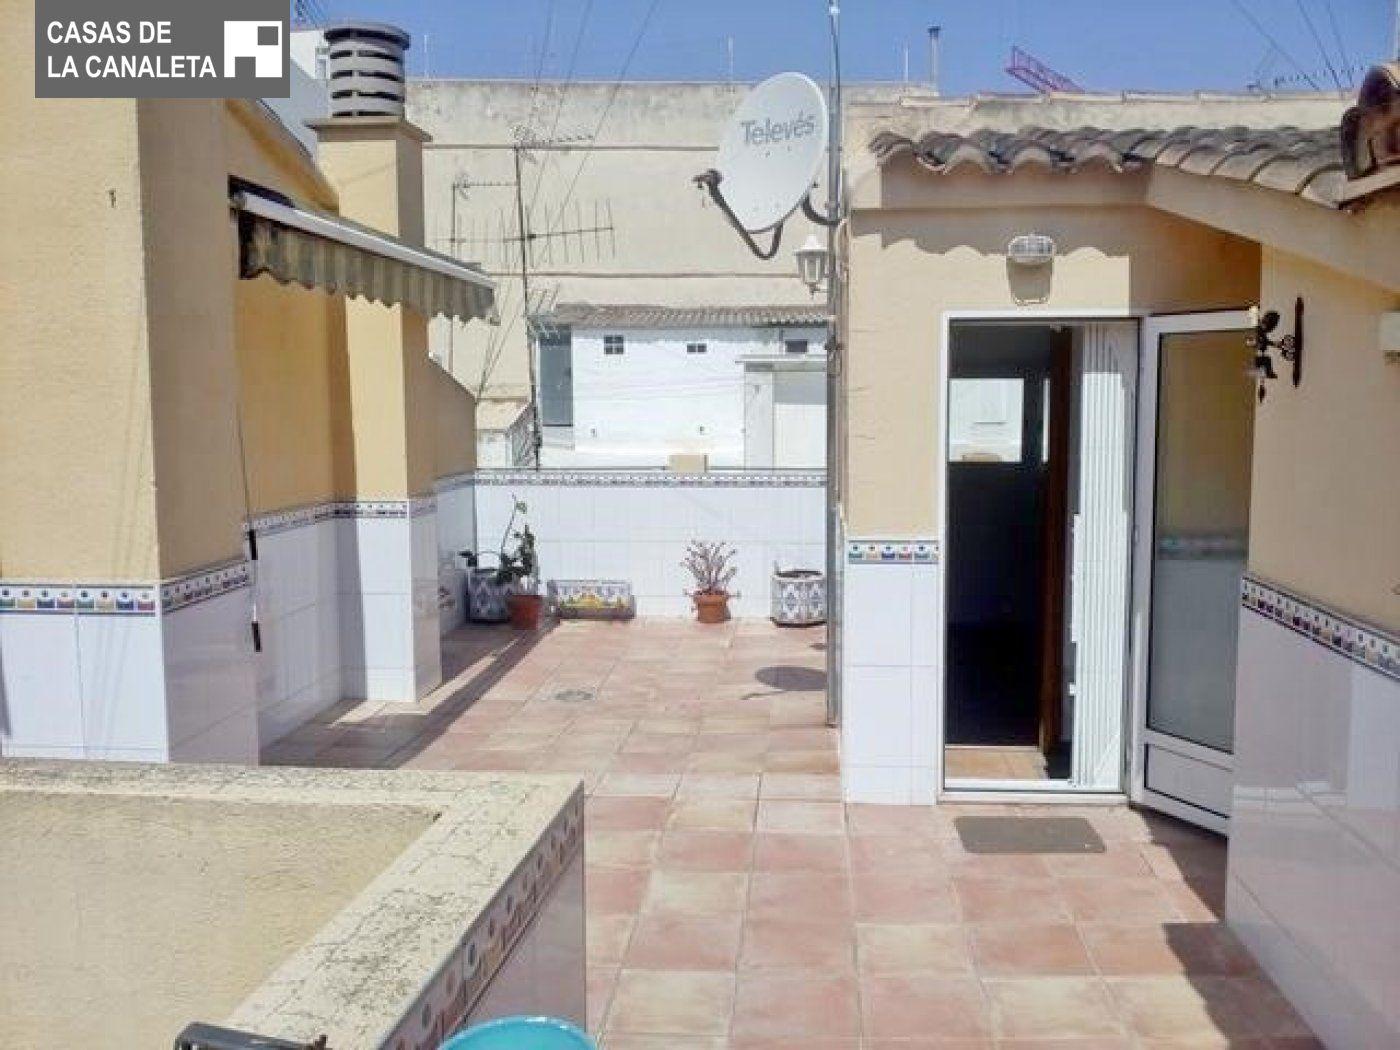 Alquiler Casa  Mislata ,distrito la constitucion-canaleta. Excelente casa en venta y alquiler, no la dejes escapar!